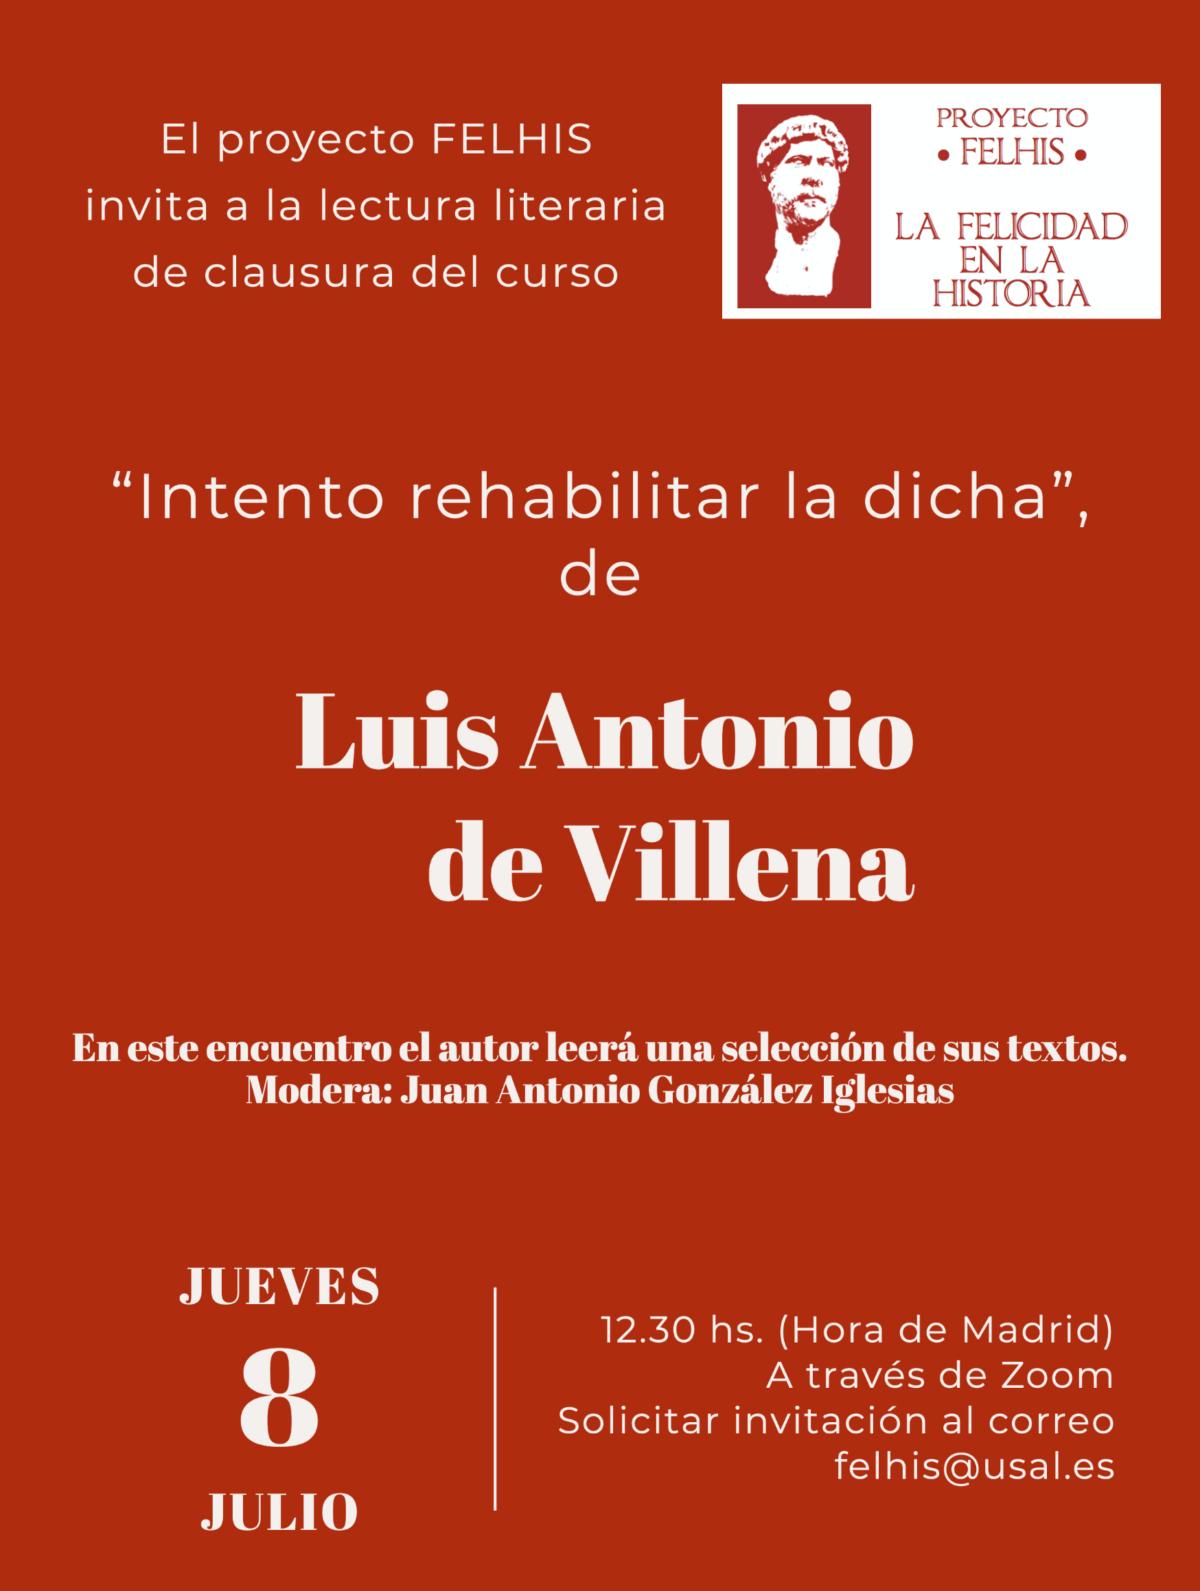 Lectura de Luis Antonio de Villena